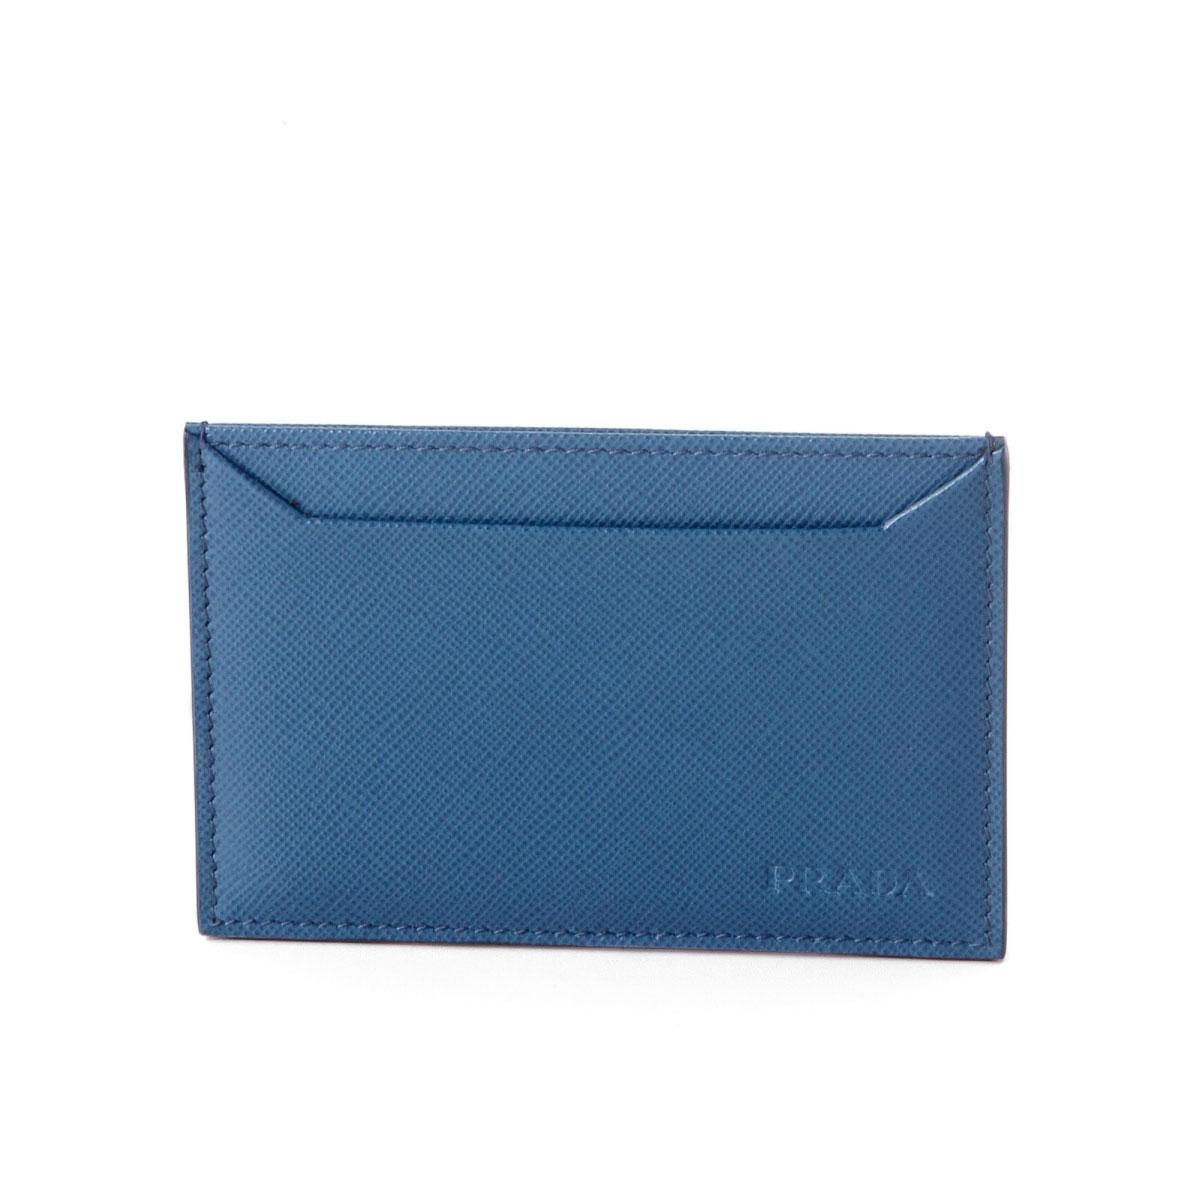 プラダ PRADA カードケース メンズ 2MC208 PN9 F0215 SAFFIANO 1 COBALTO ブルー